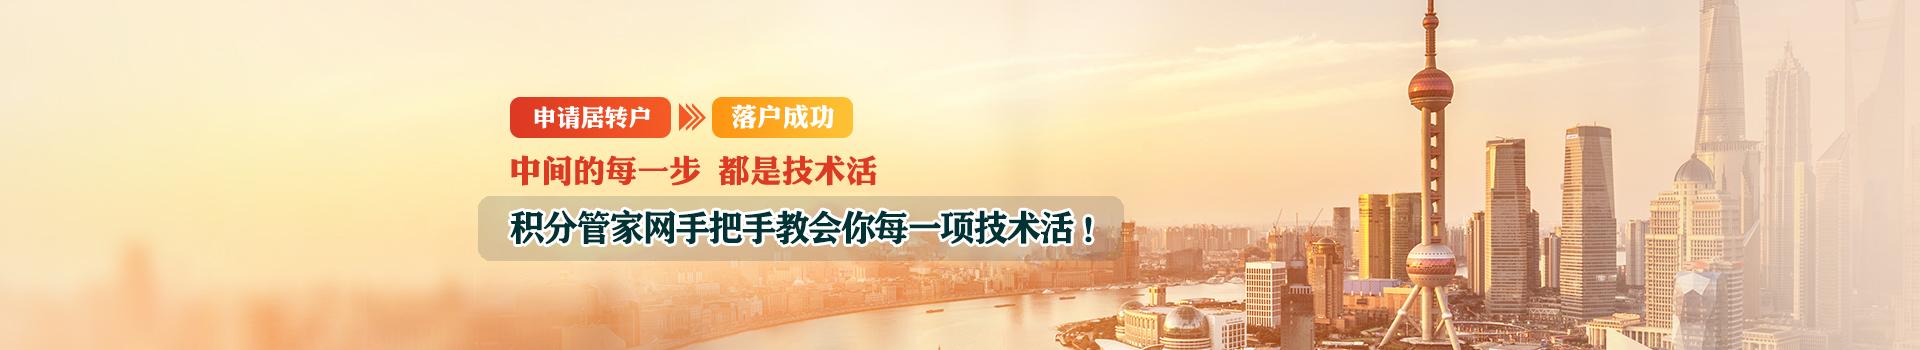 外地人落户上海的流程